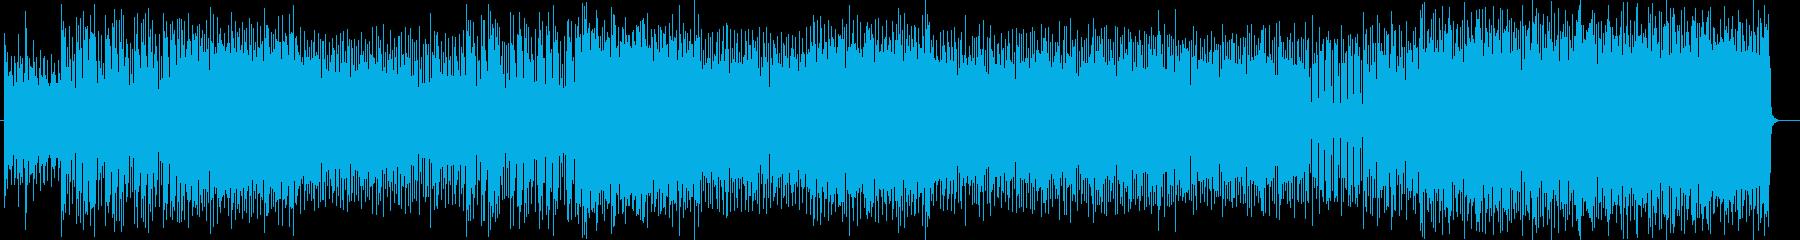 お洒落なシンセ系テクノEDMの再生済みの波形